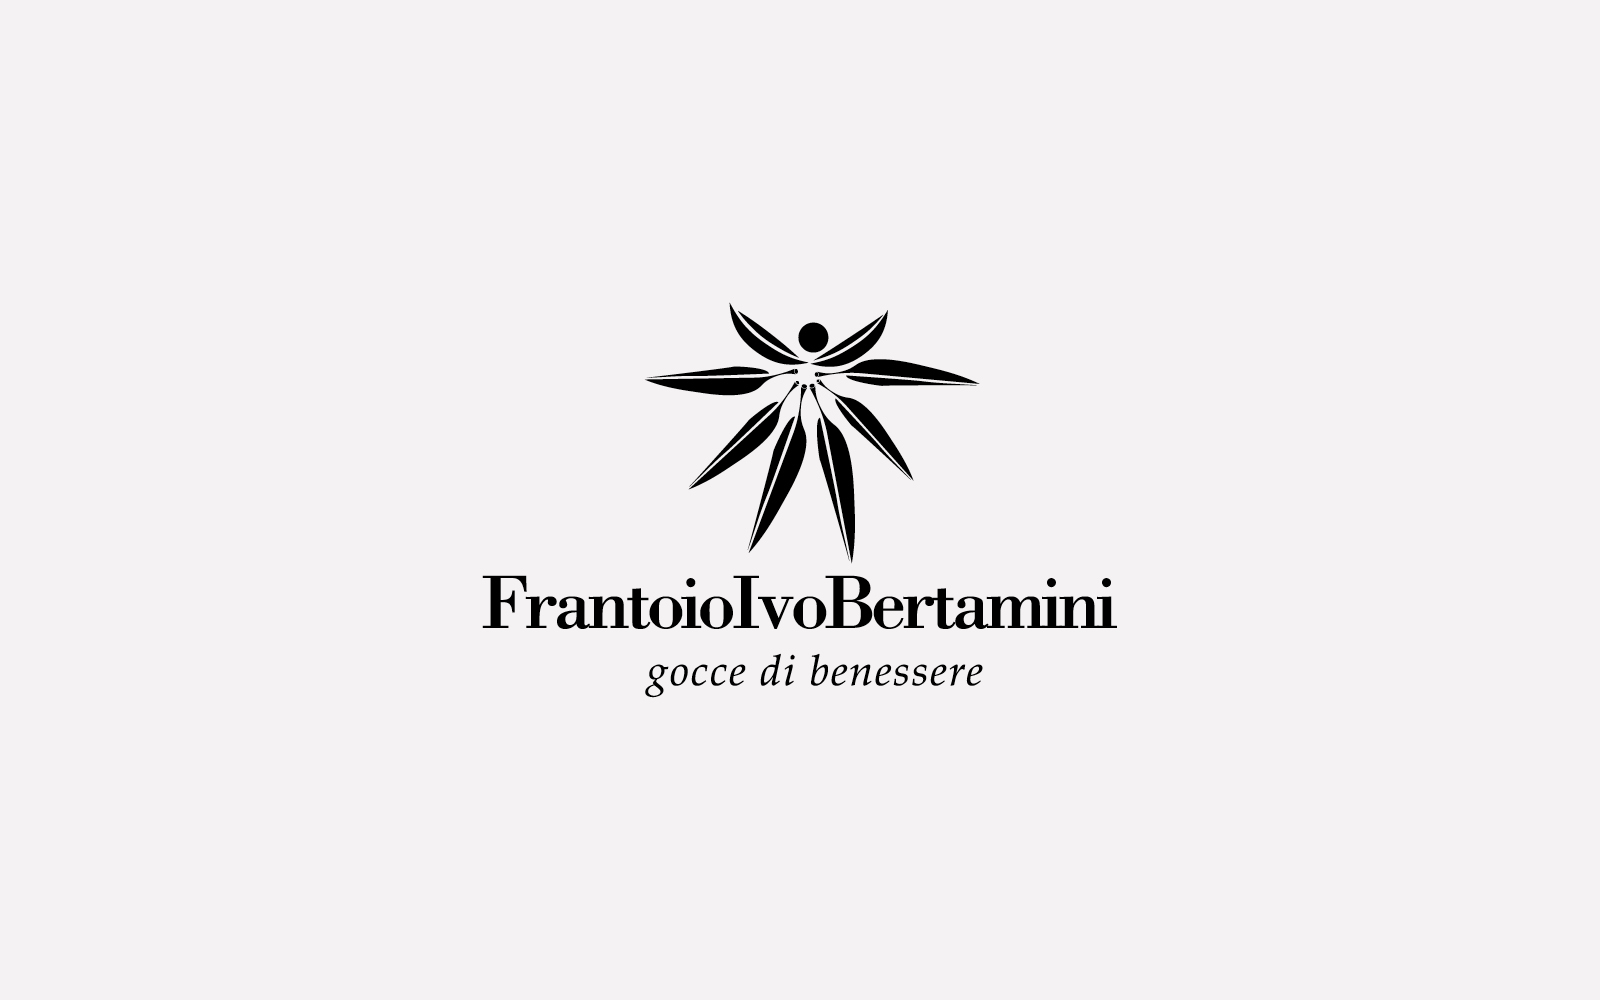 progetto del marchio per bottiglie olio frantoio bertamini, creato da diadestudio agenzia grafica arco trento